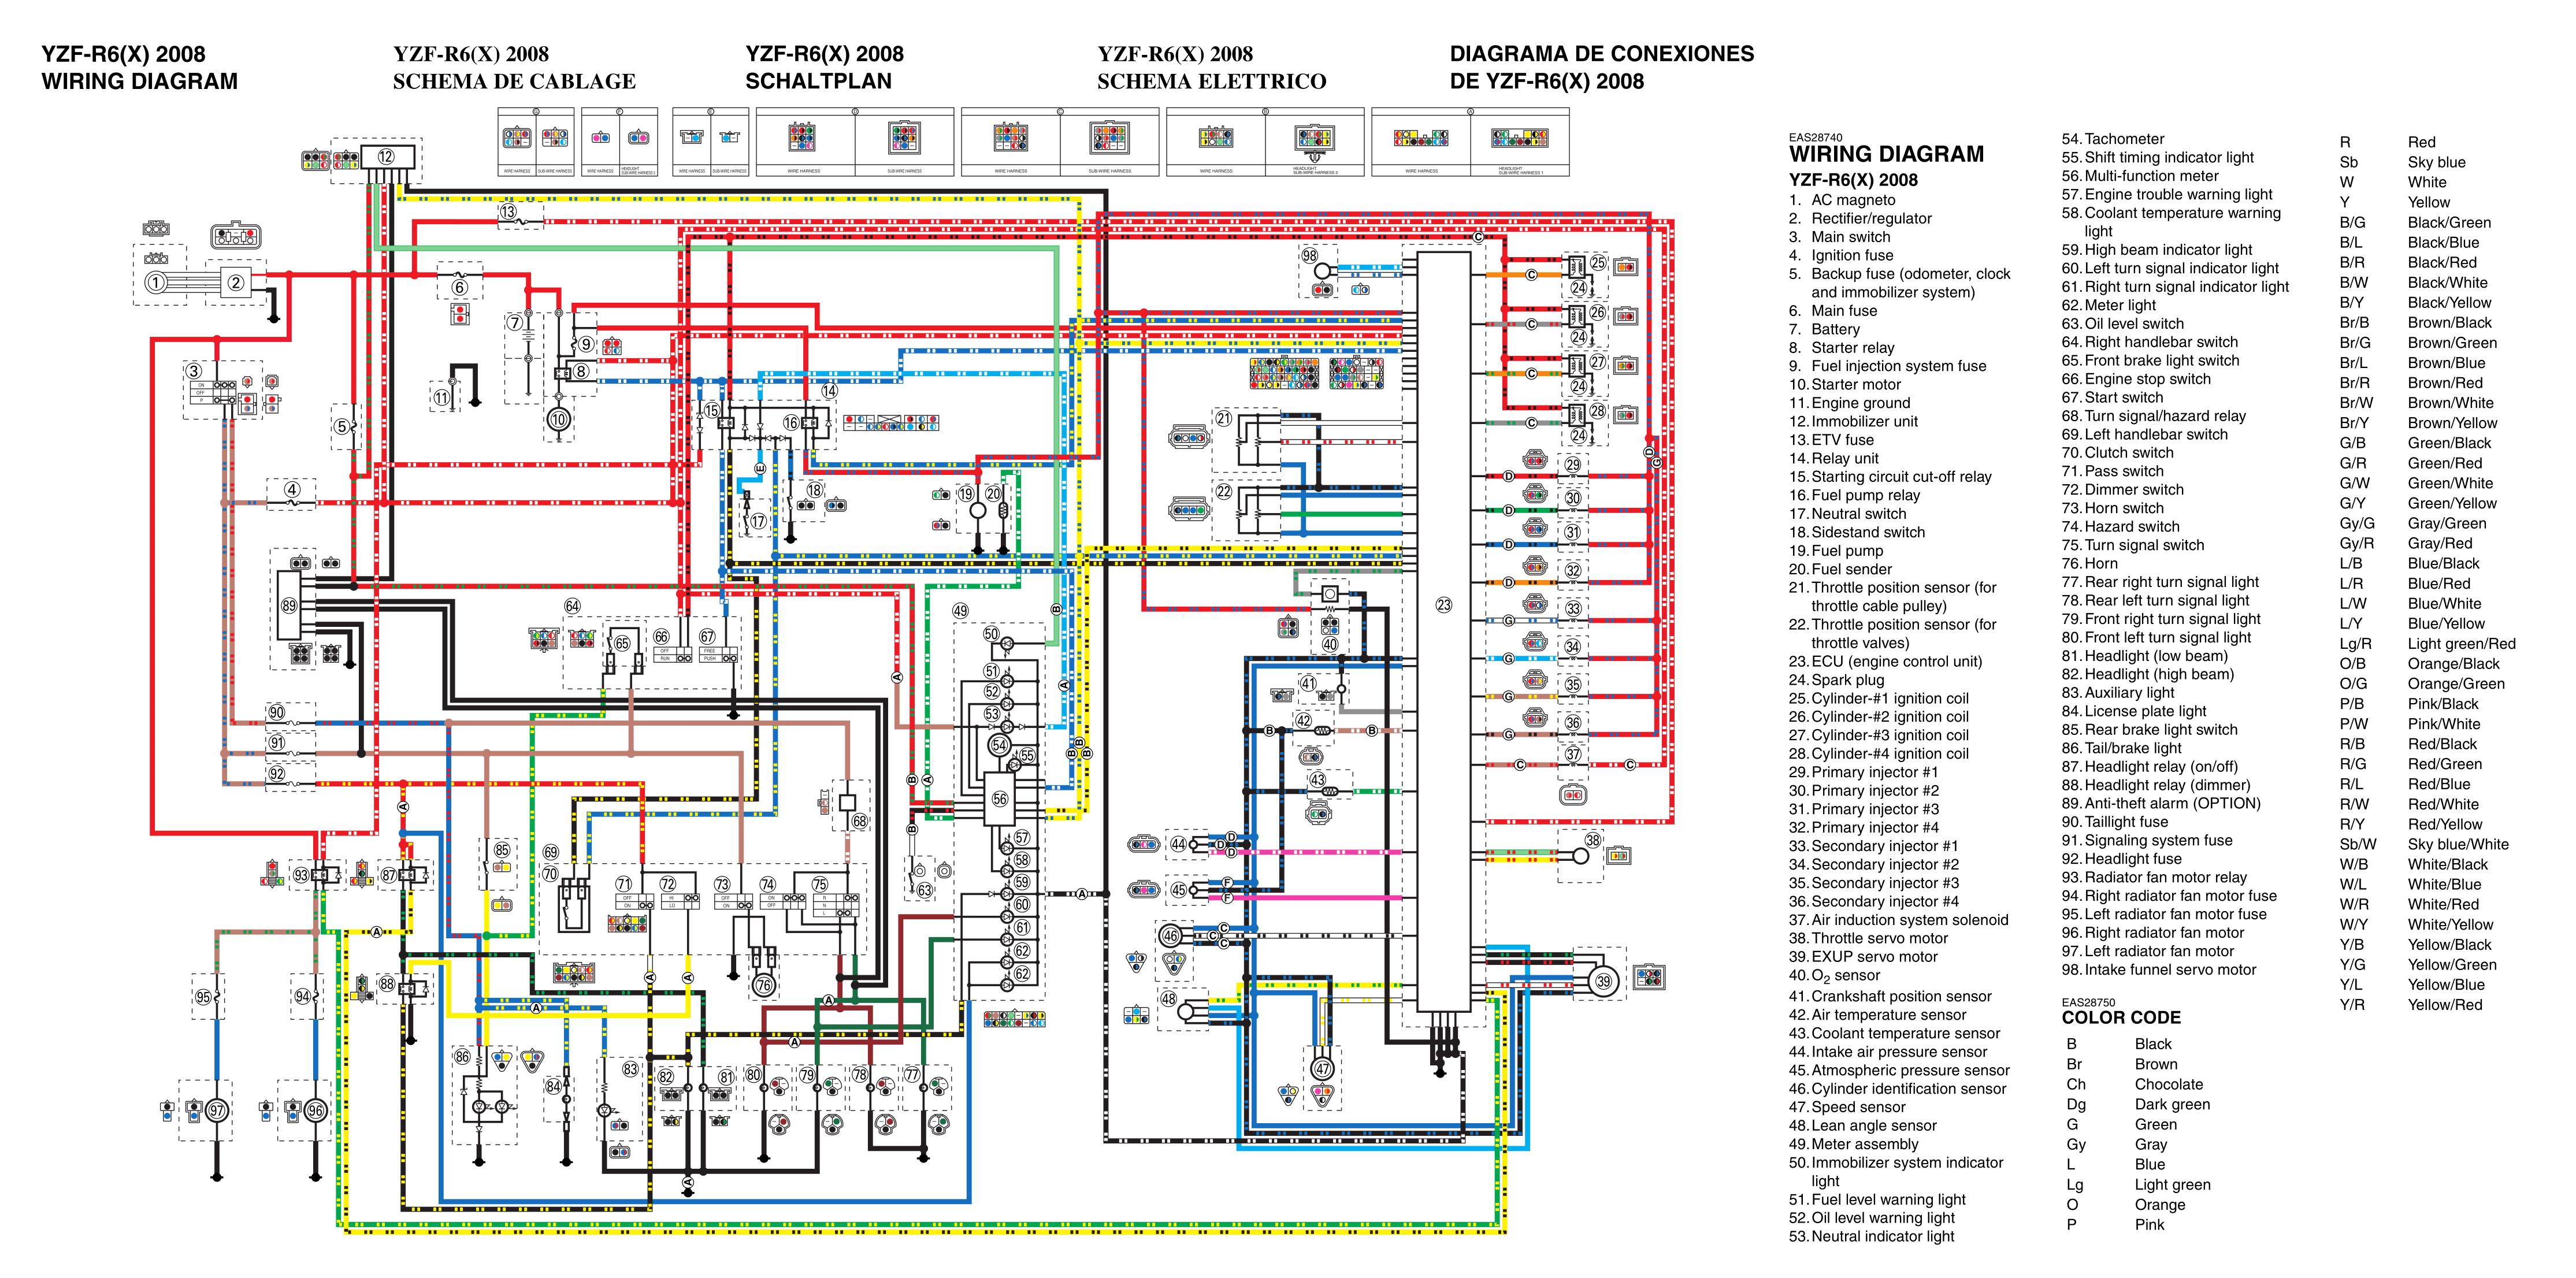 04 R1 Wiring Diagram How To Wire A Light Switch Diagram Hazzardzz Yenpancane Jeanjaures37 Fr